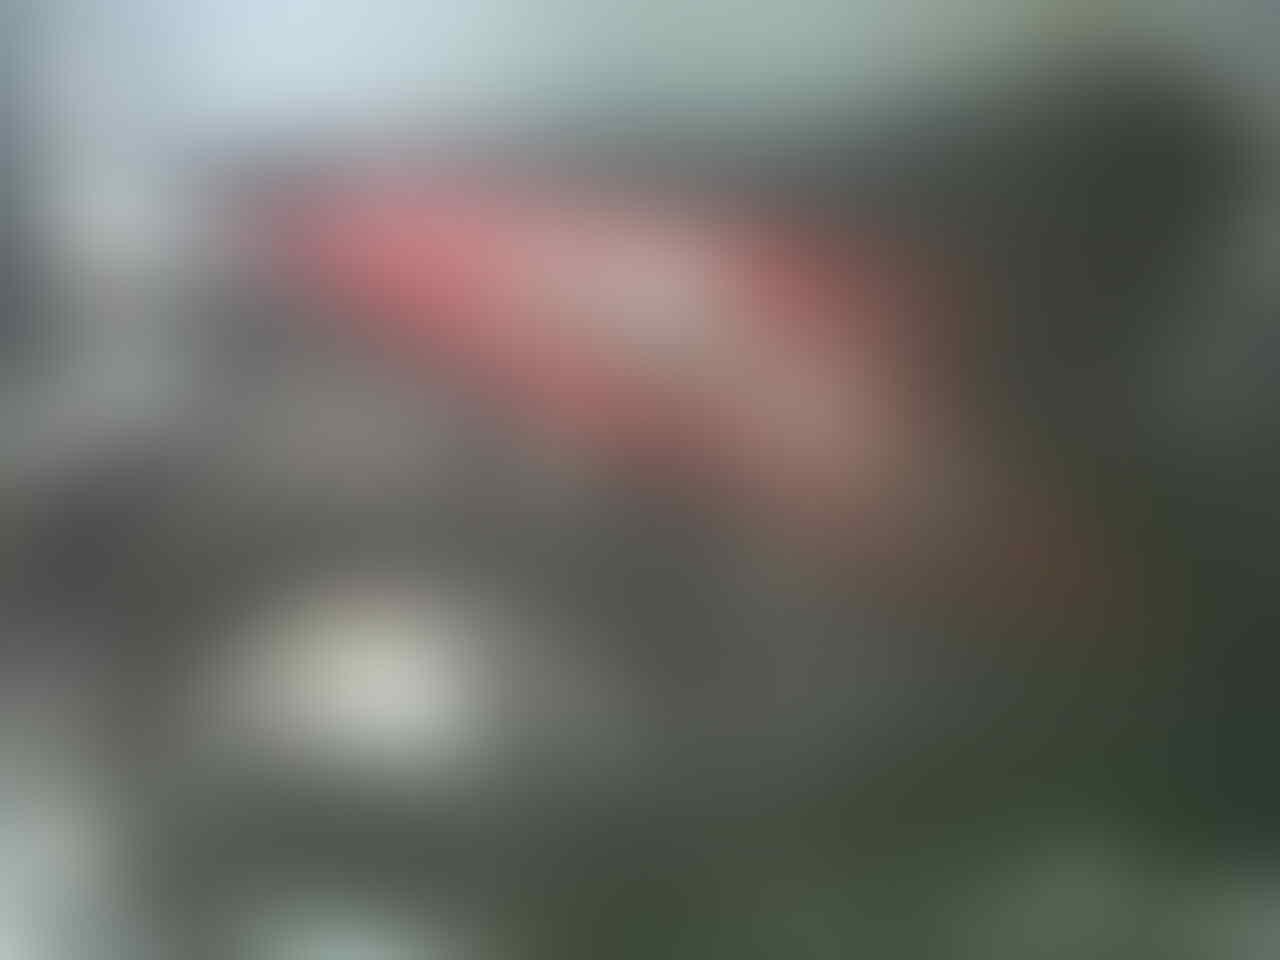 dijual honda beat 2010 warna merah gresss full orisinil